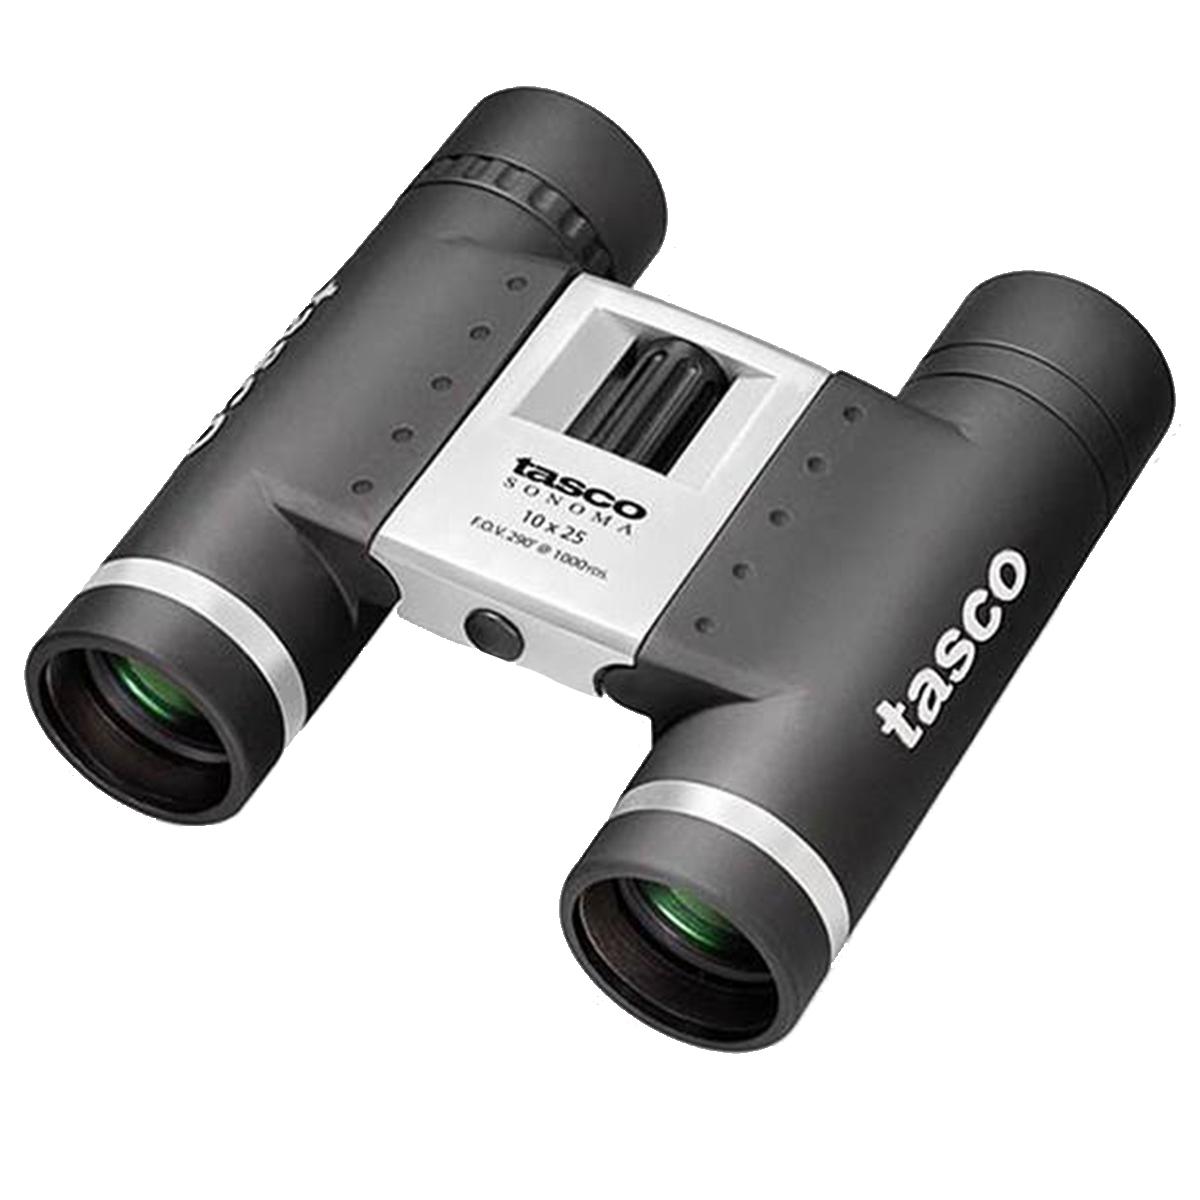 دوربین دوچشمی تاسکو کد 1025